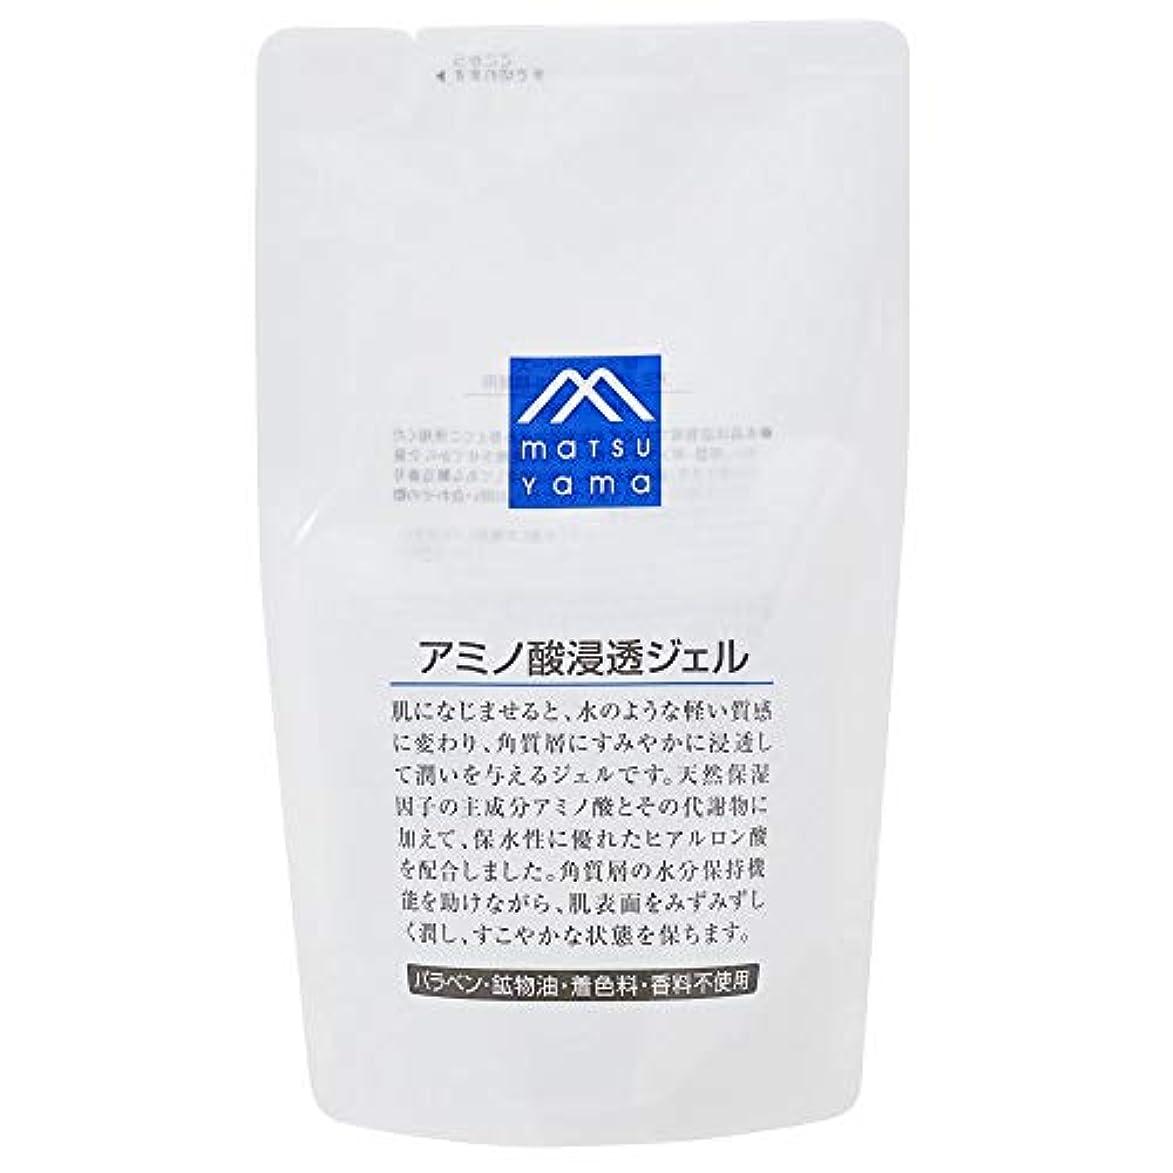 ラバ論争達成可能Mマーク(M-mark) アミノ酸浸透ジェル 詰替用 化粧水 140mL